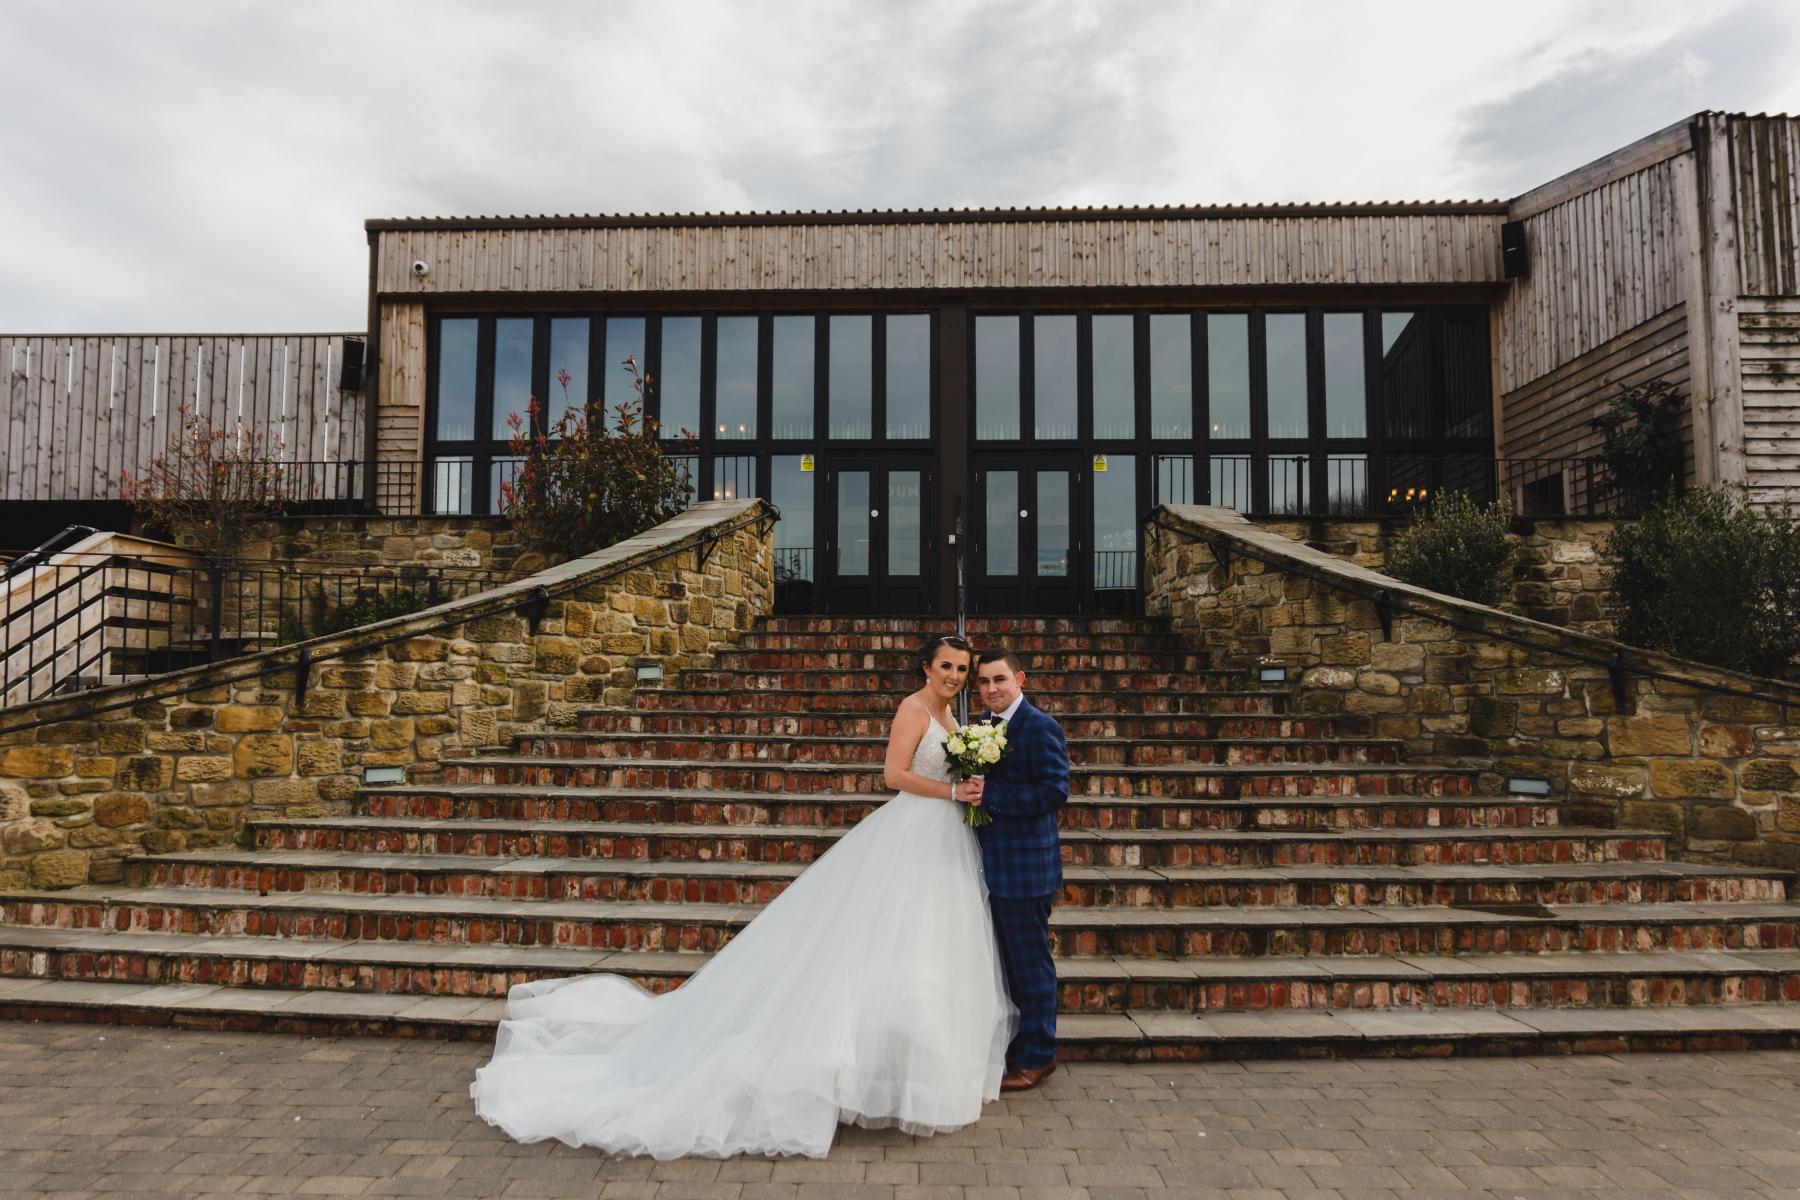 180320-Joanna-Maddison-and-Liam-Chambers-Wedding-Final-925